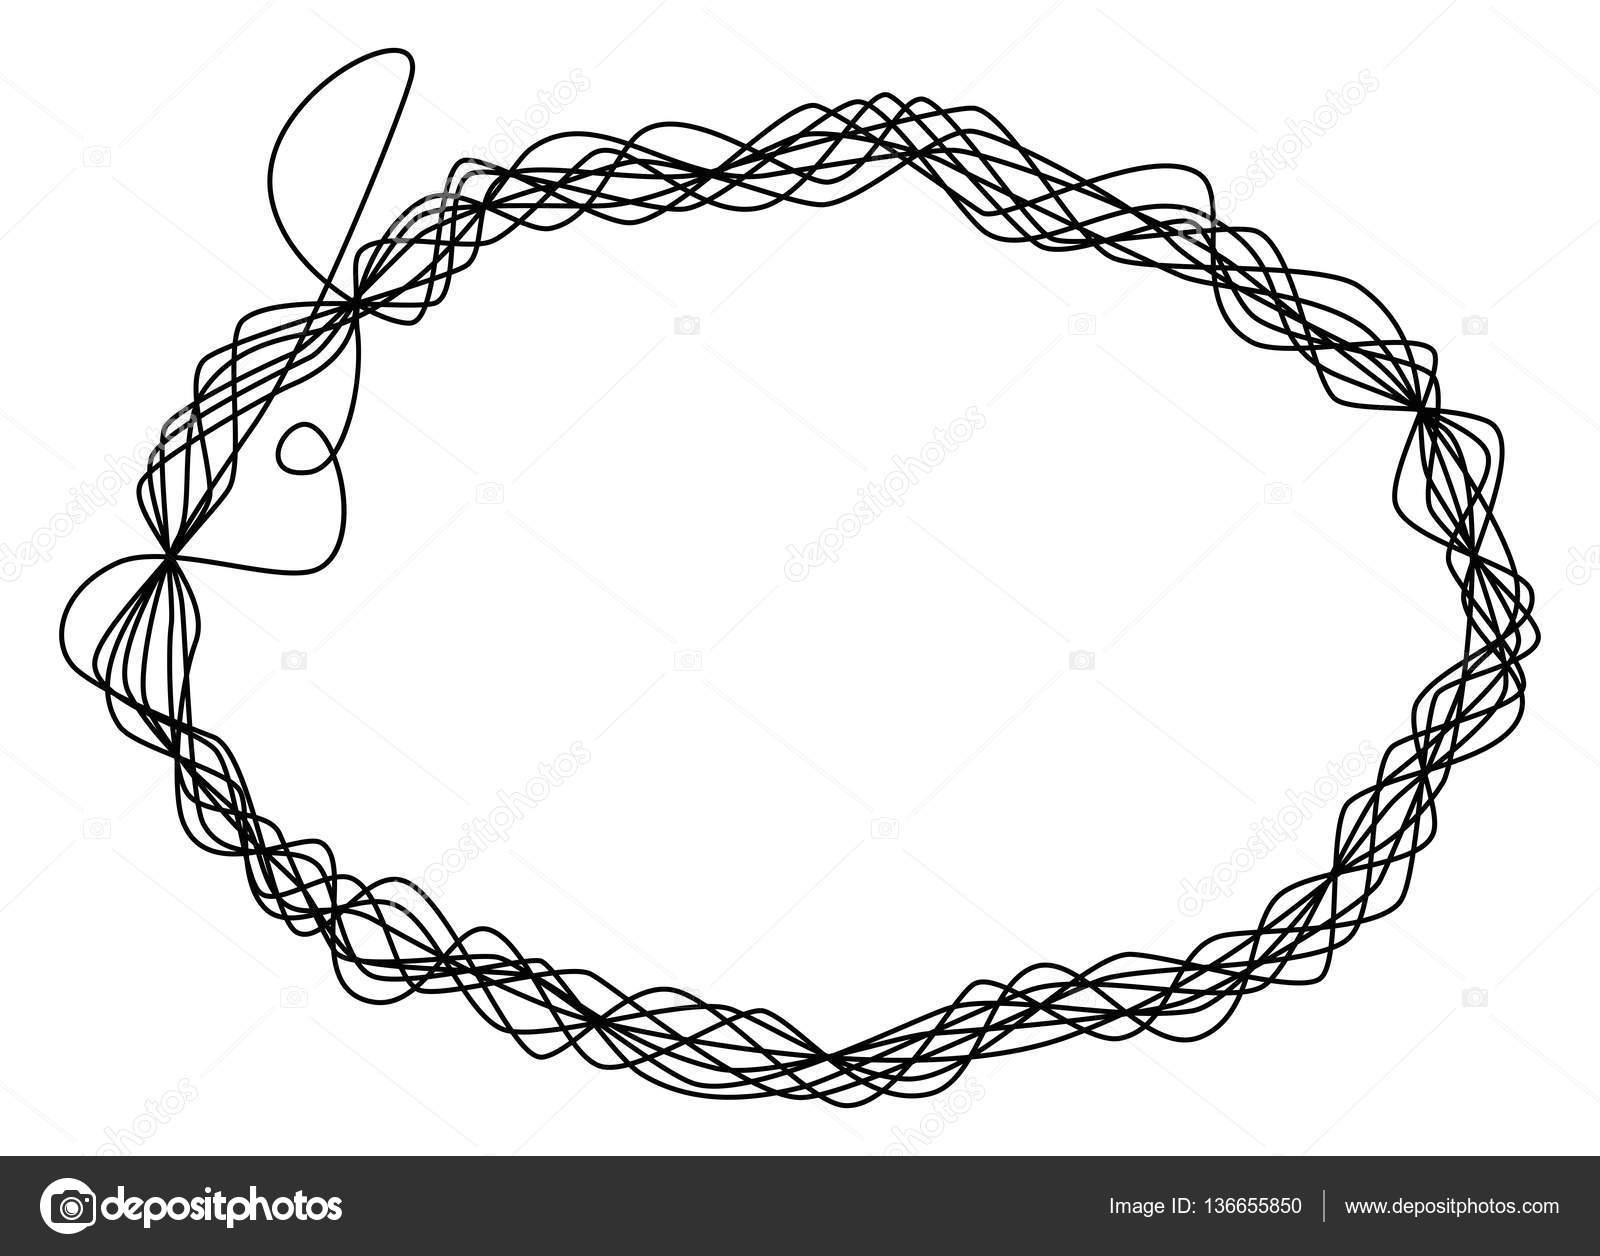 Elipse de alambre hilo único marco — Vector de stock © Furian #136655850